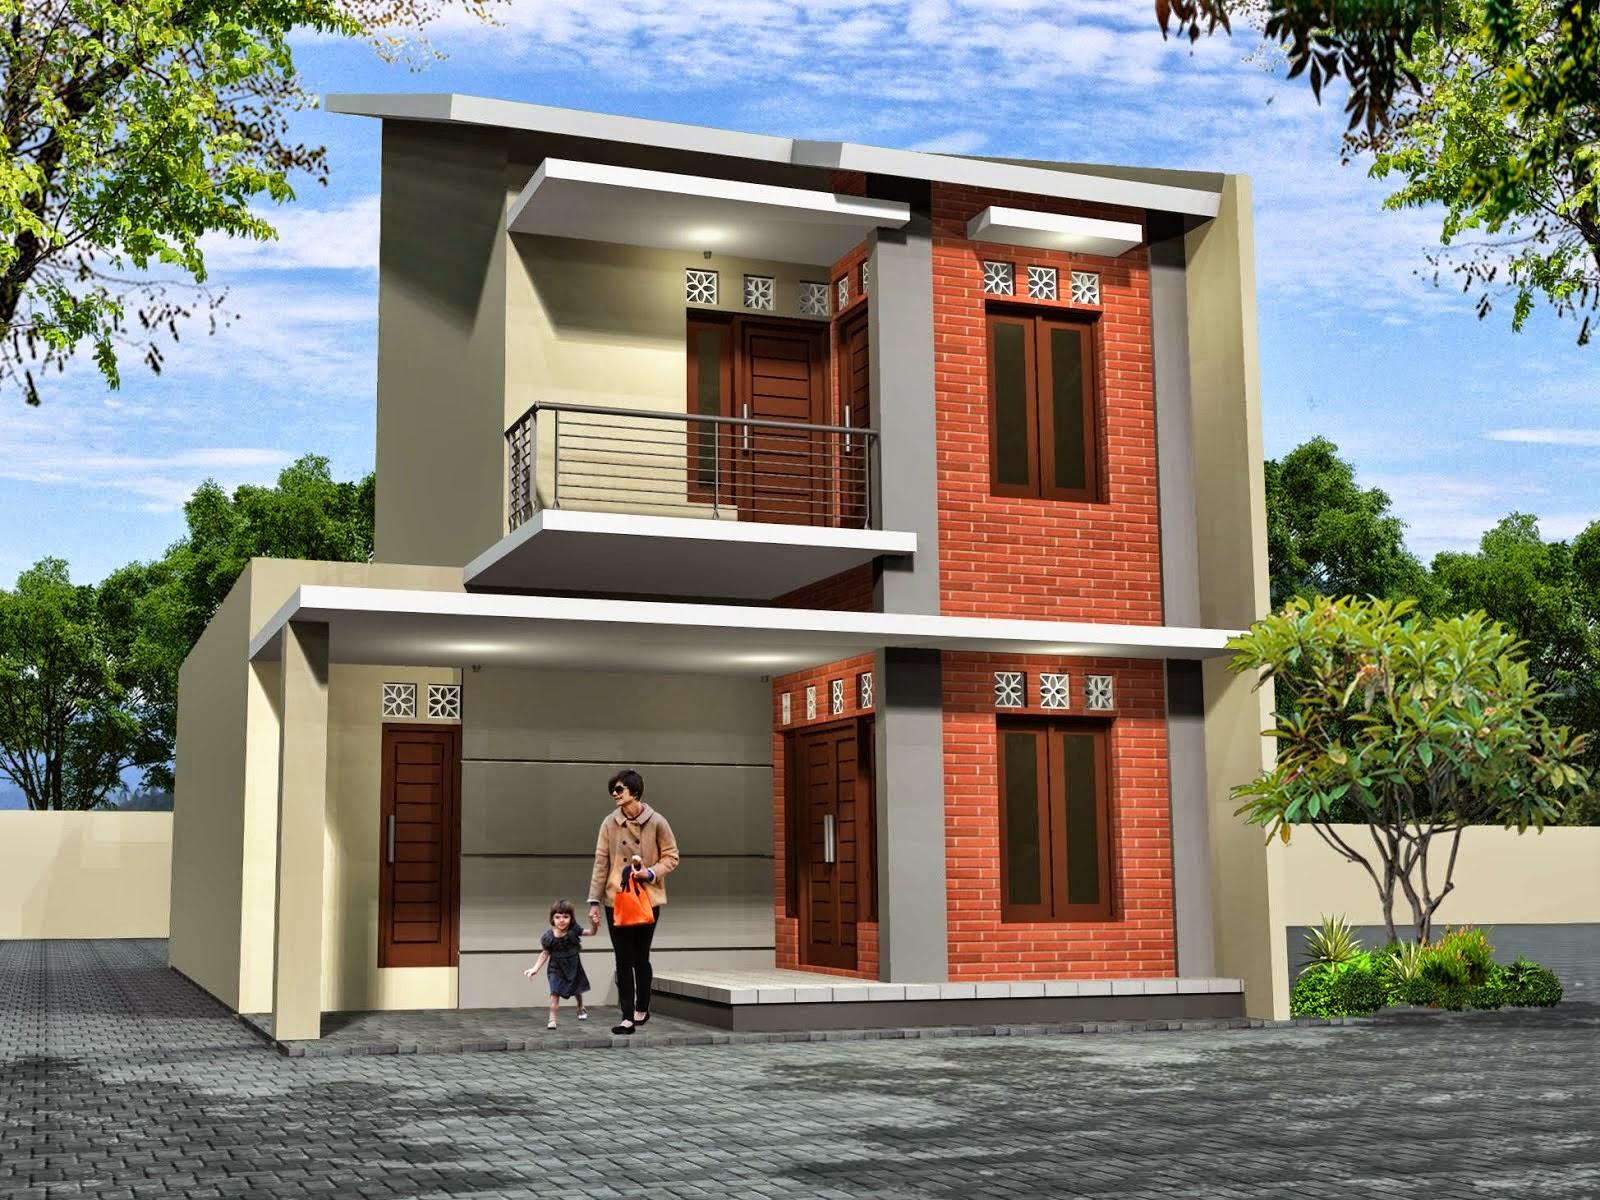 Contoh Design Rumah Minimalis Terbaru 1 Lantai